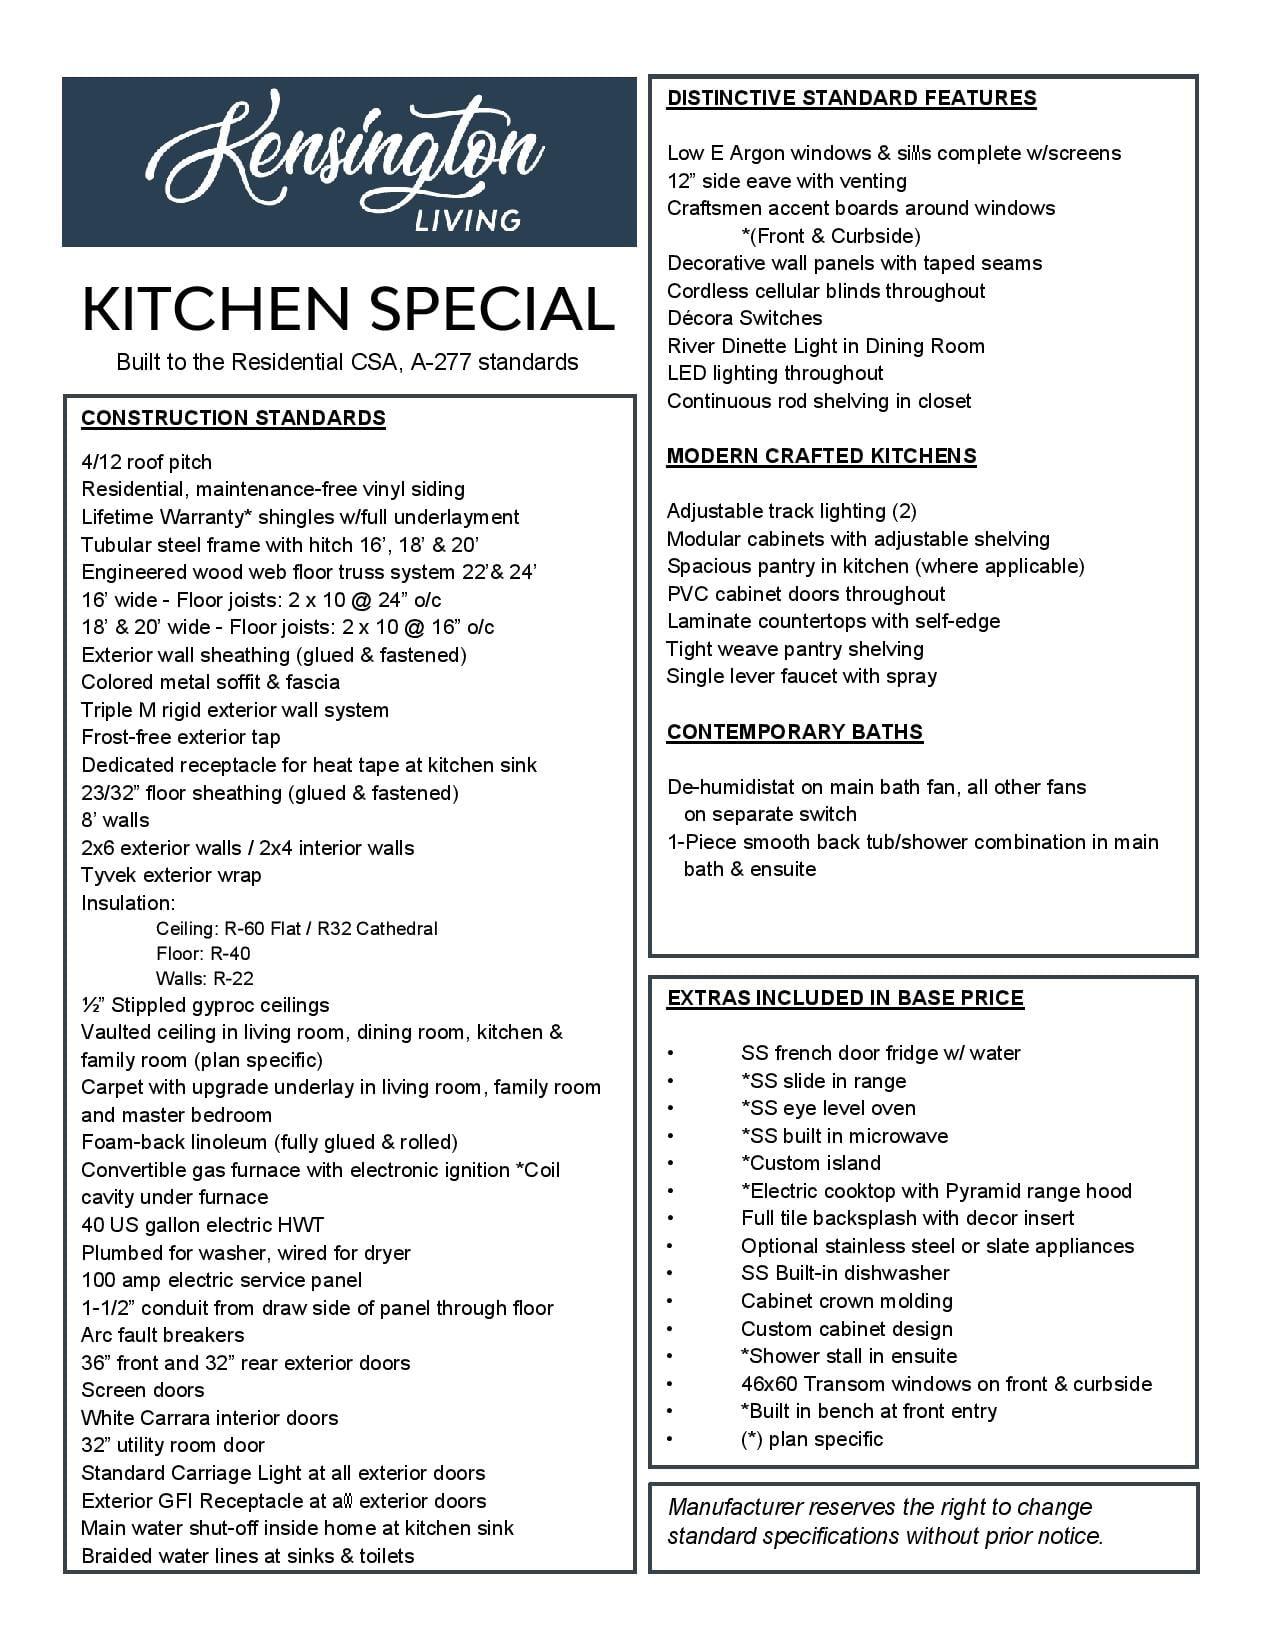 Kitchen Special Specs